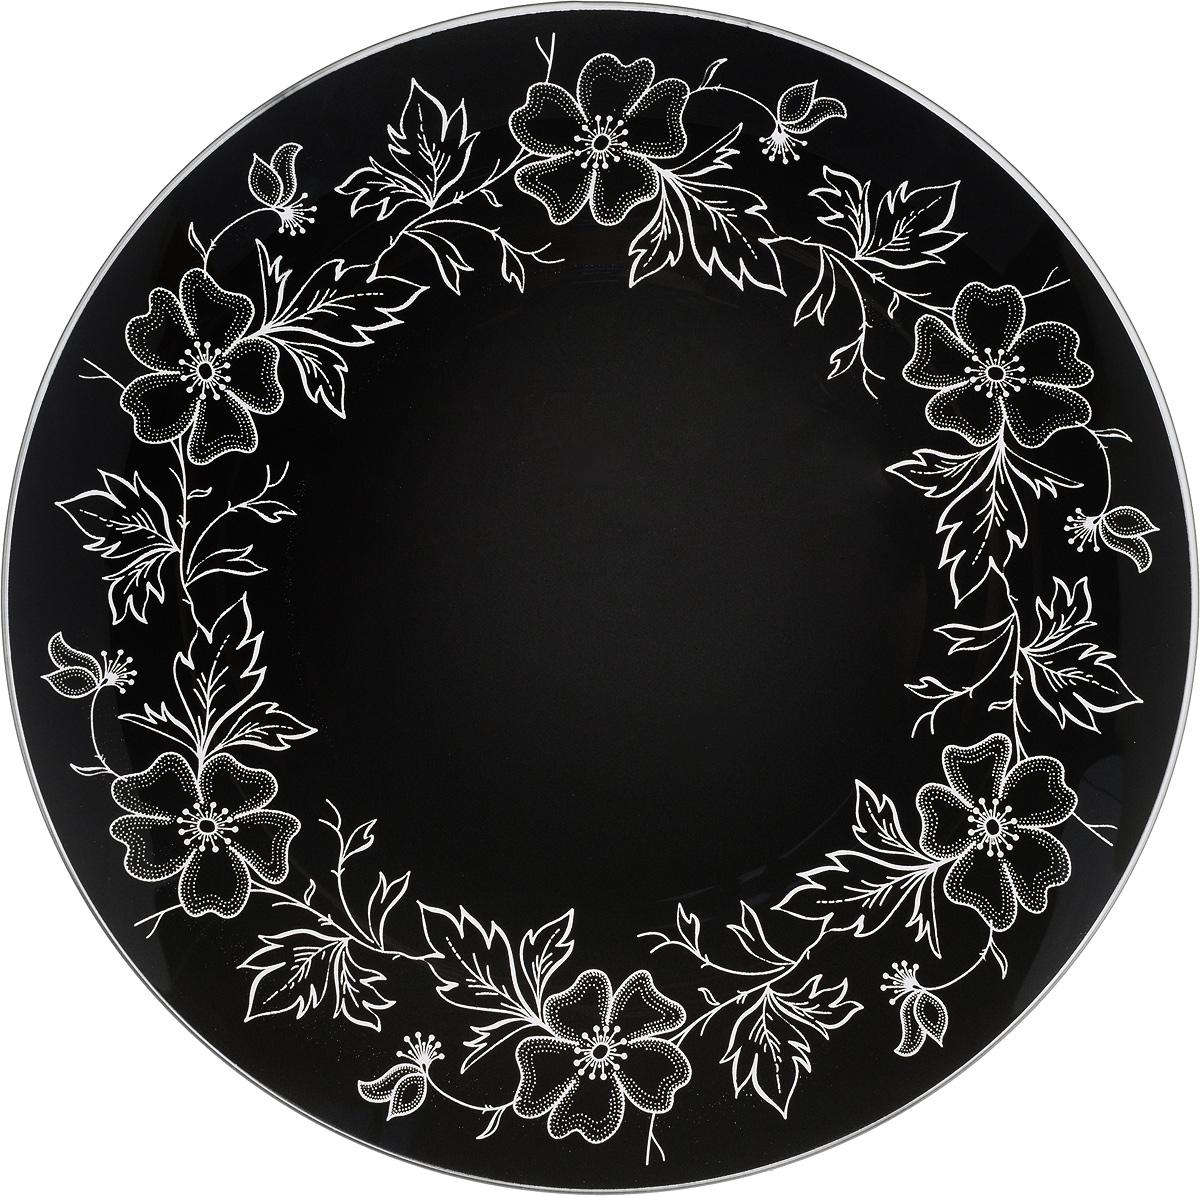 Тарелка NiNaGlass Лара, цвет: черный, диаметр 30 см тарелка ninaglass стиль шампань коричневый 14см десертная стекло